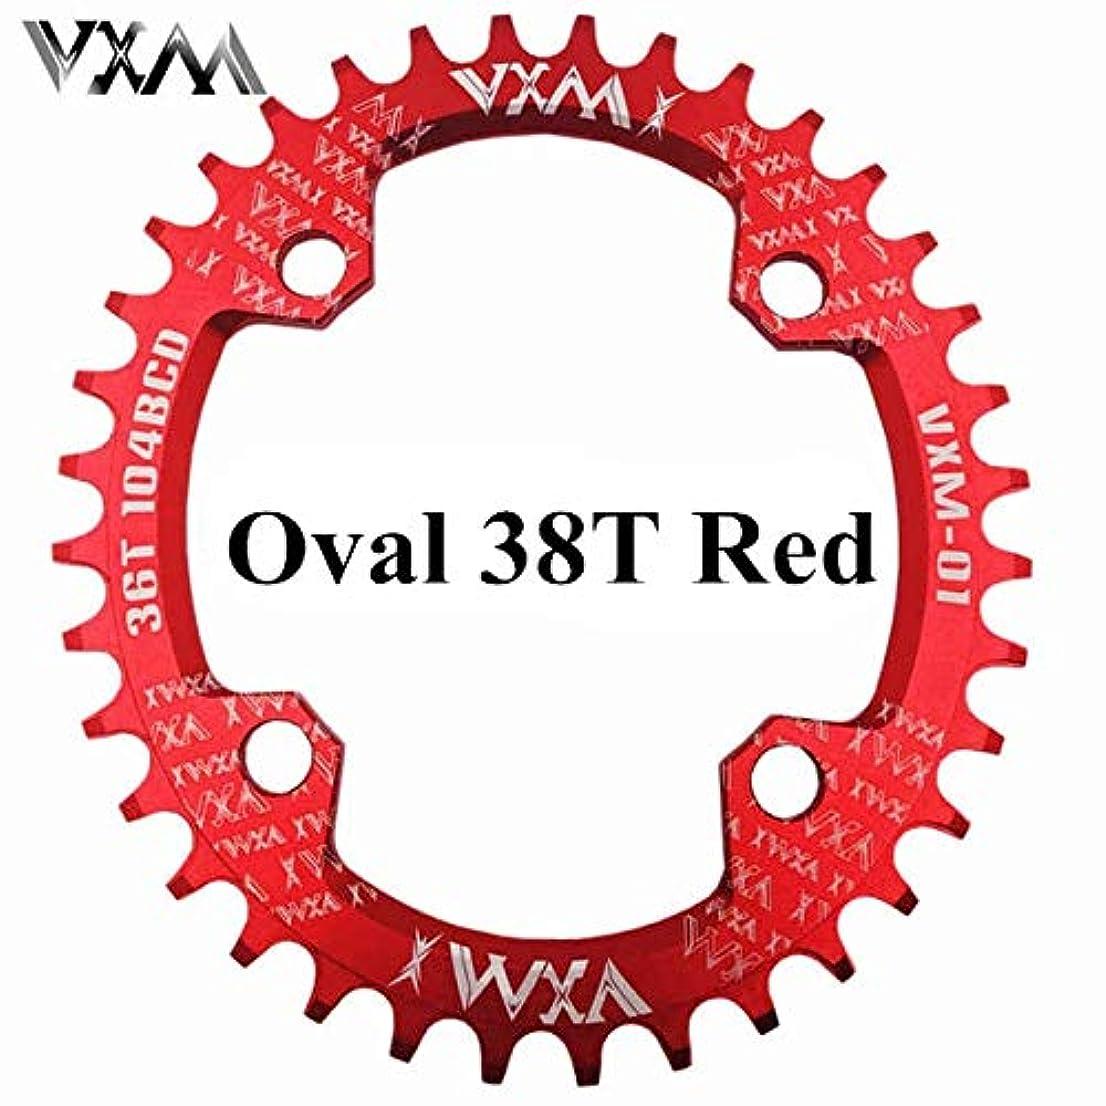 バンド寛大さフェリーPropenary - 自転車104BCDクランクオーバルラウンド30T 32T 34T 36T 38T 40T 42T 44T 46T 48T 50T 52TチェーンホイールXT狭い広い自転車チェーンリング[オーバル38Tレッド]